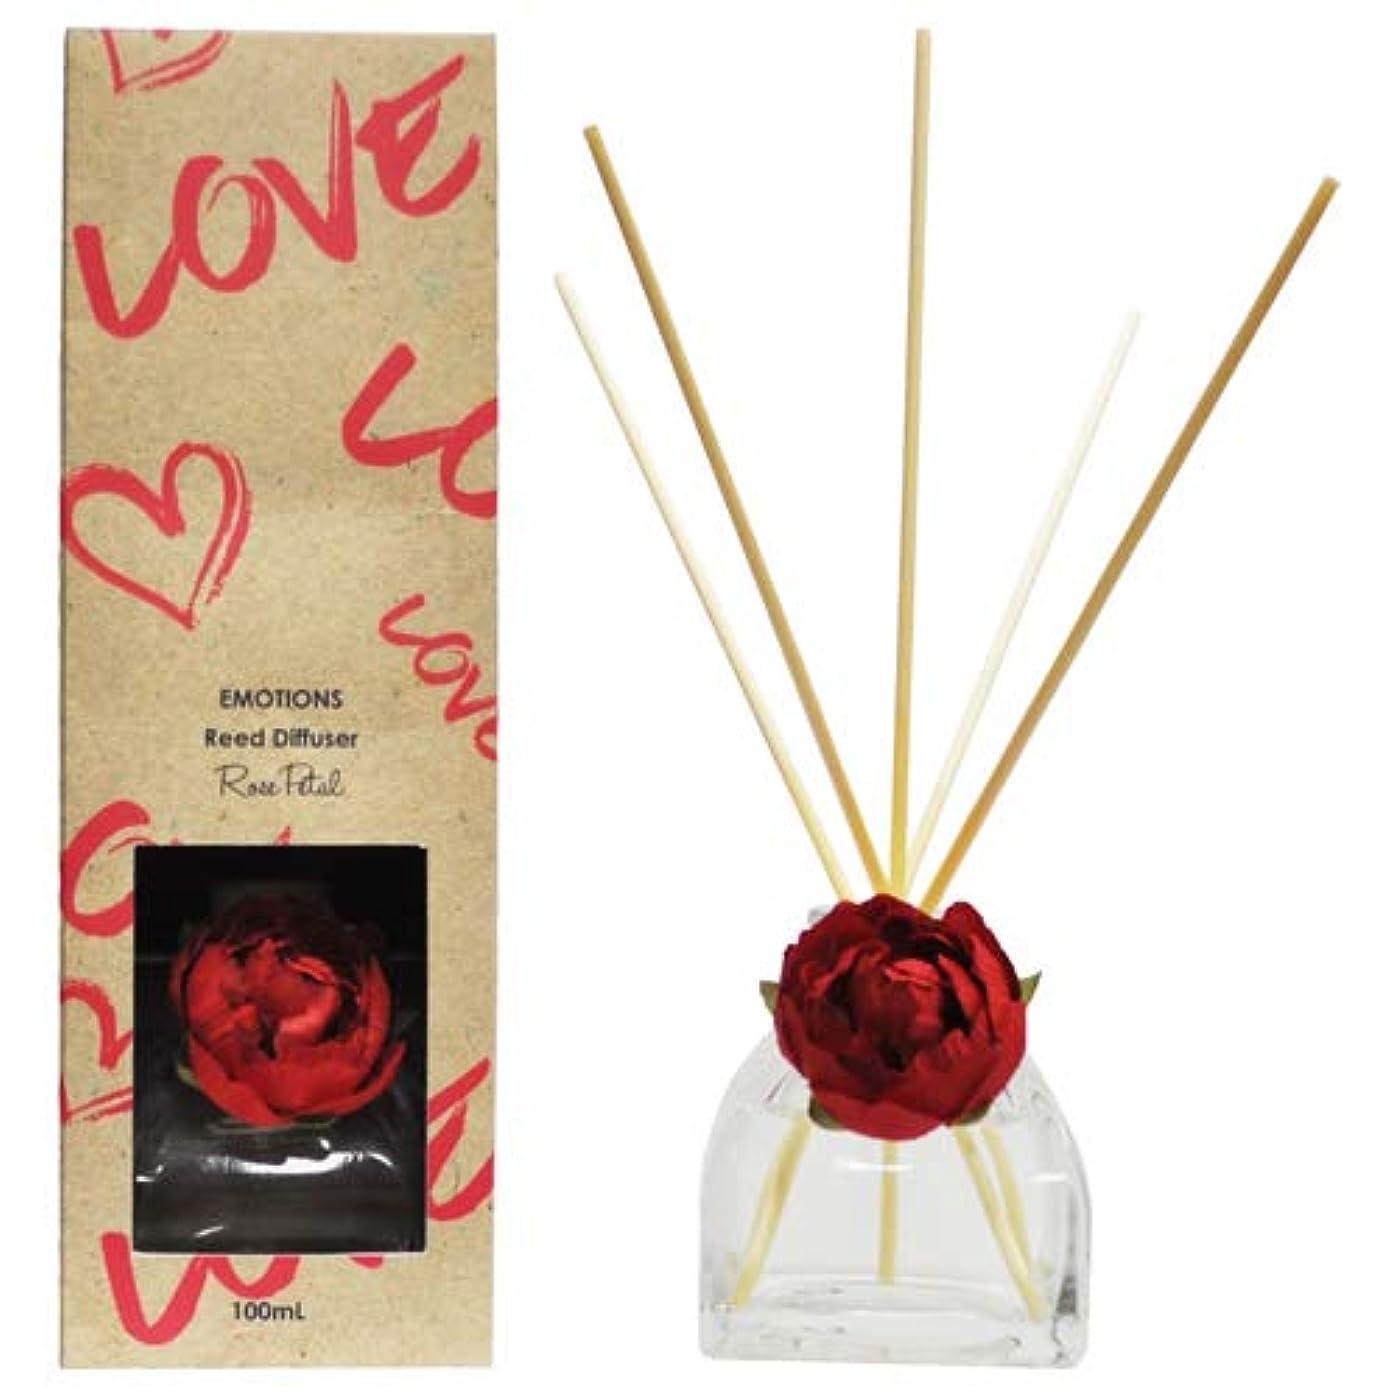 コンパイル飛び込む専制EMOTIONS エモーション Fibre Reed Diffuser リードディフューザー Love ラブ(Rose Petal ローズペタル)